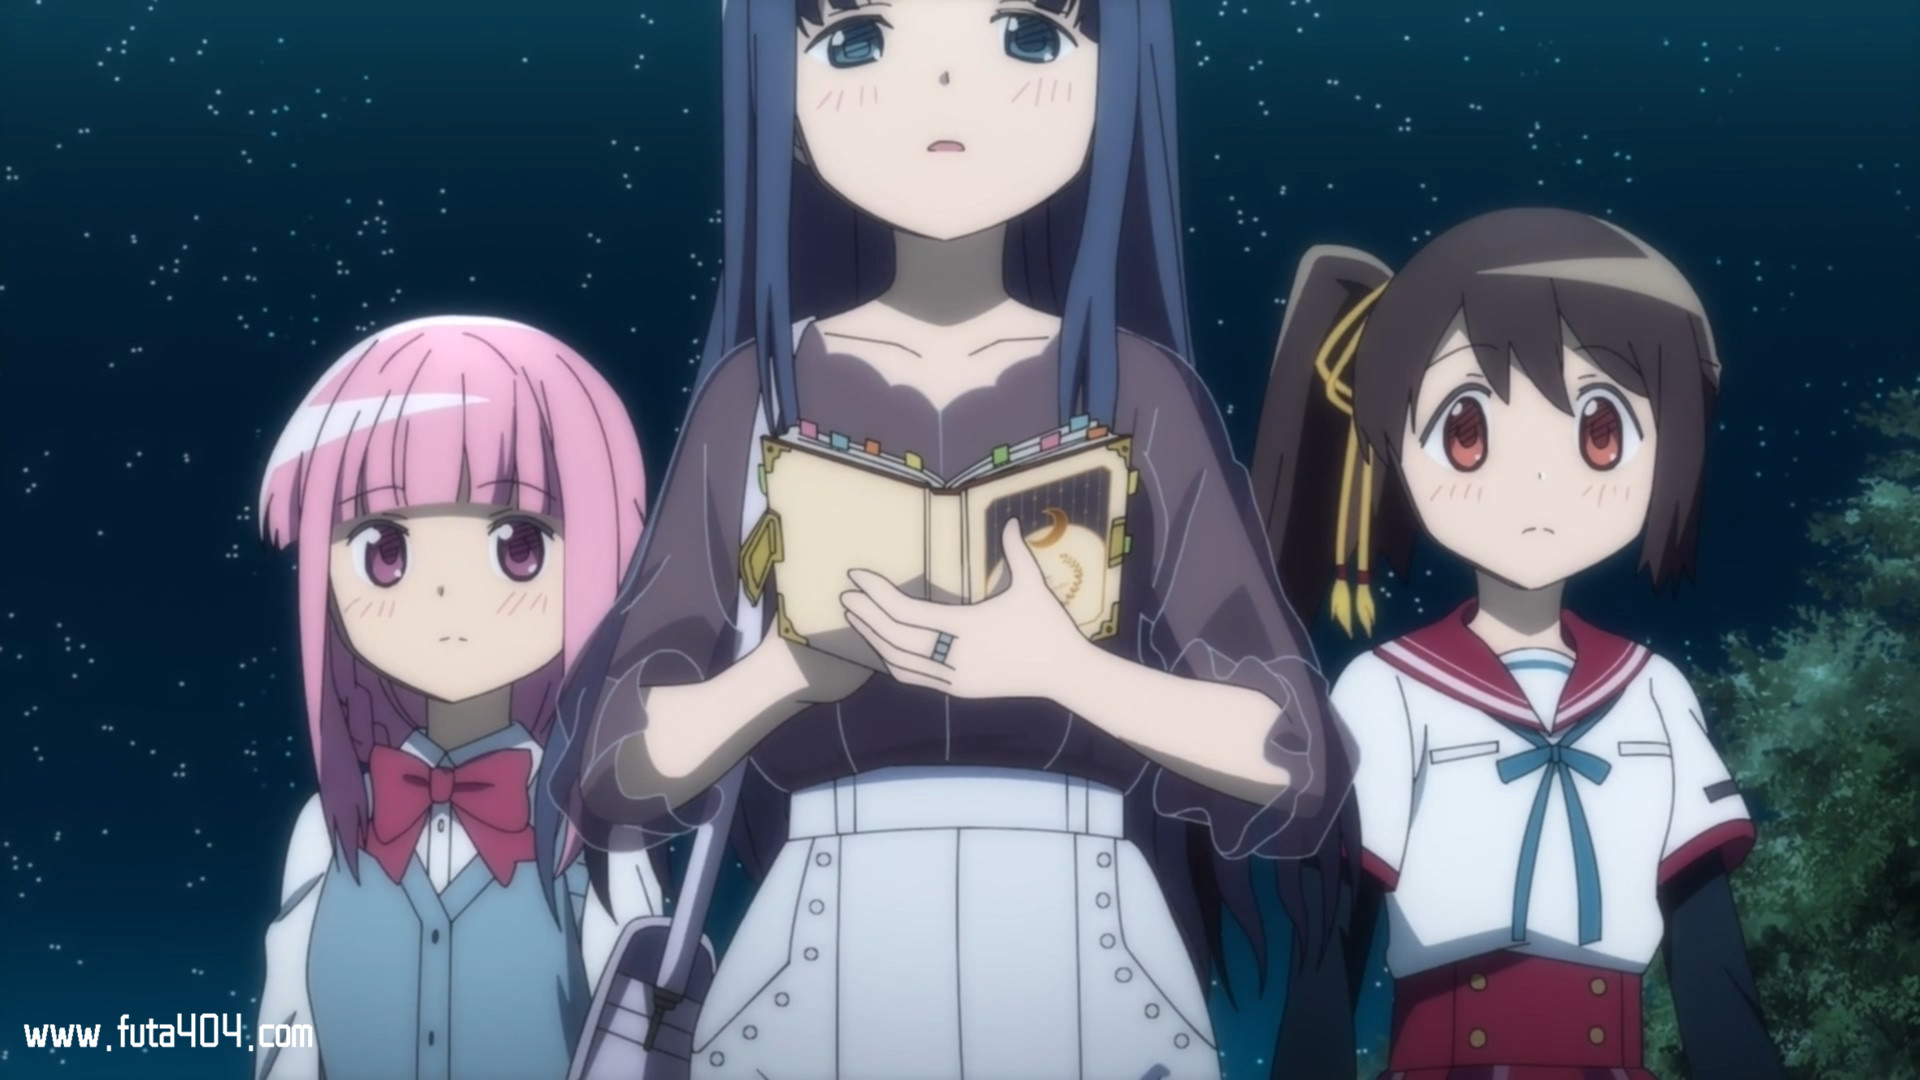 魔法纪录魔法少女小圆外传 第4话 魔法少女小圆外传 动画在线 第1张